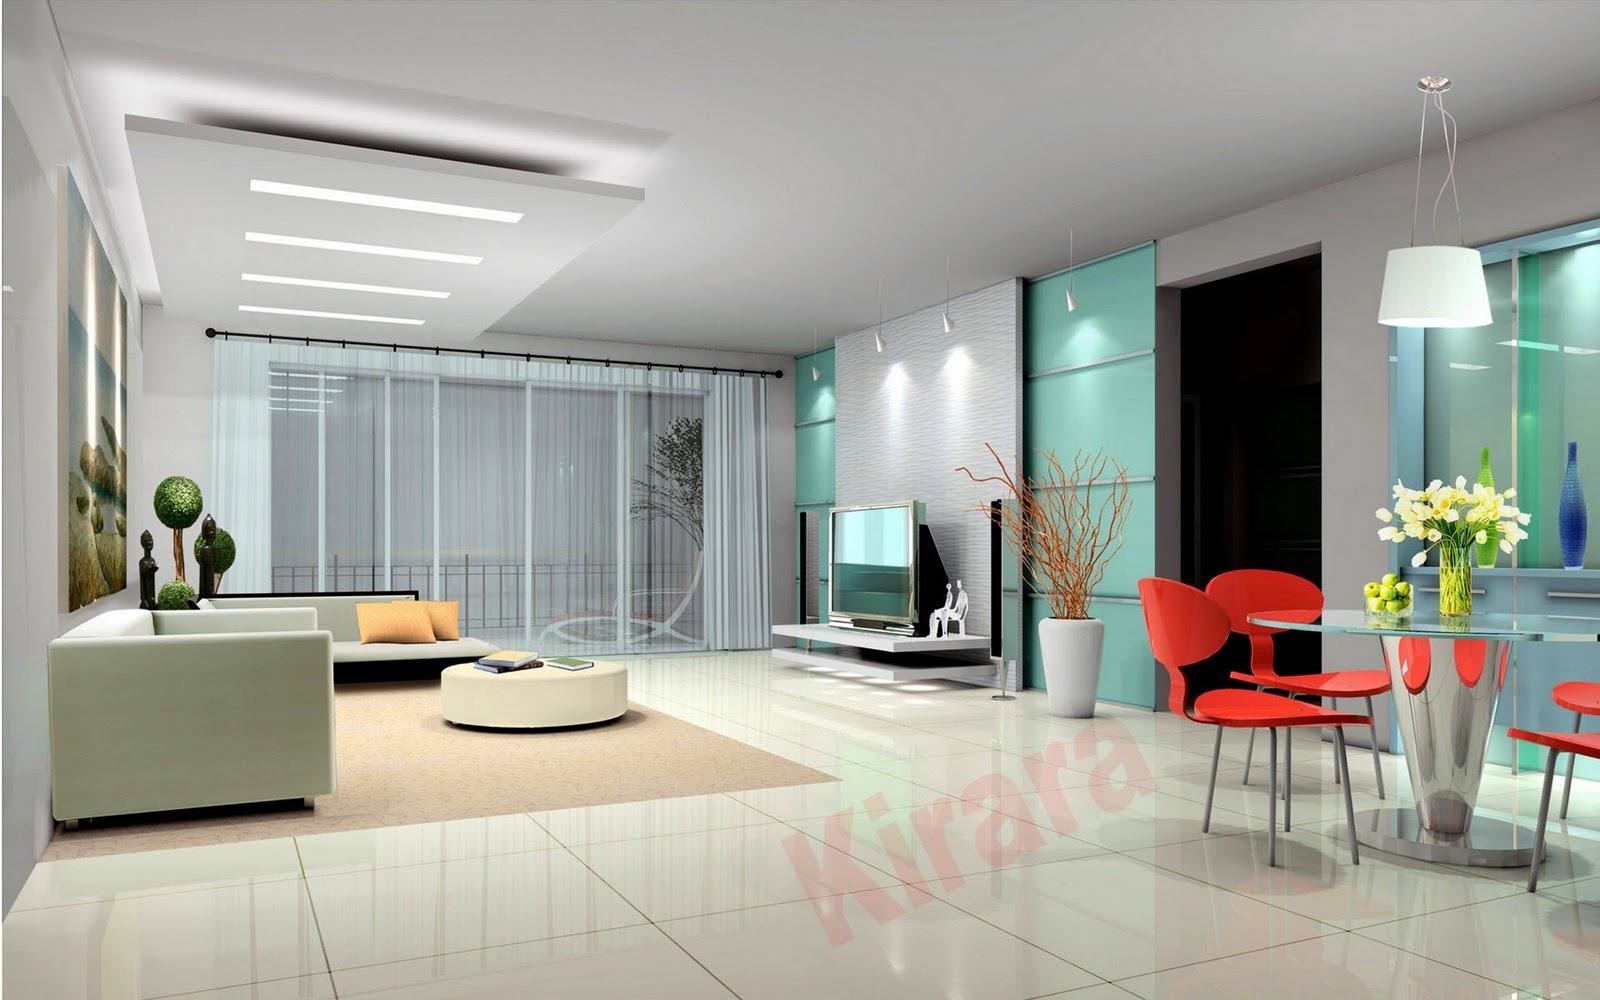 home+interior%2C+interior+design%2C+desain+interior%2C+kirara%2C+lay ...